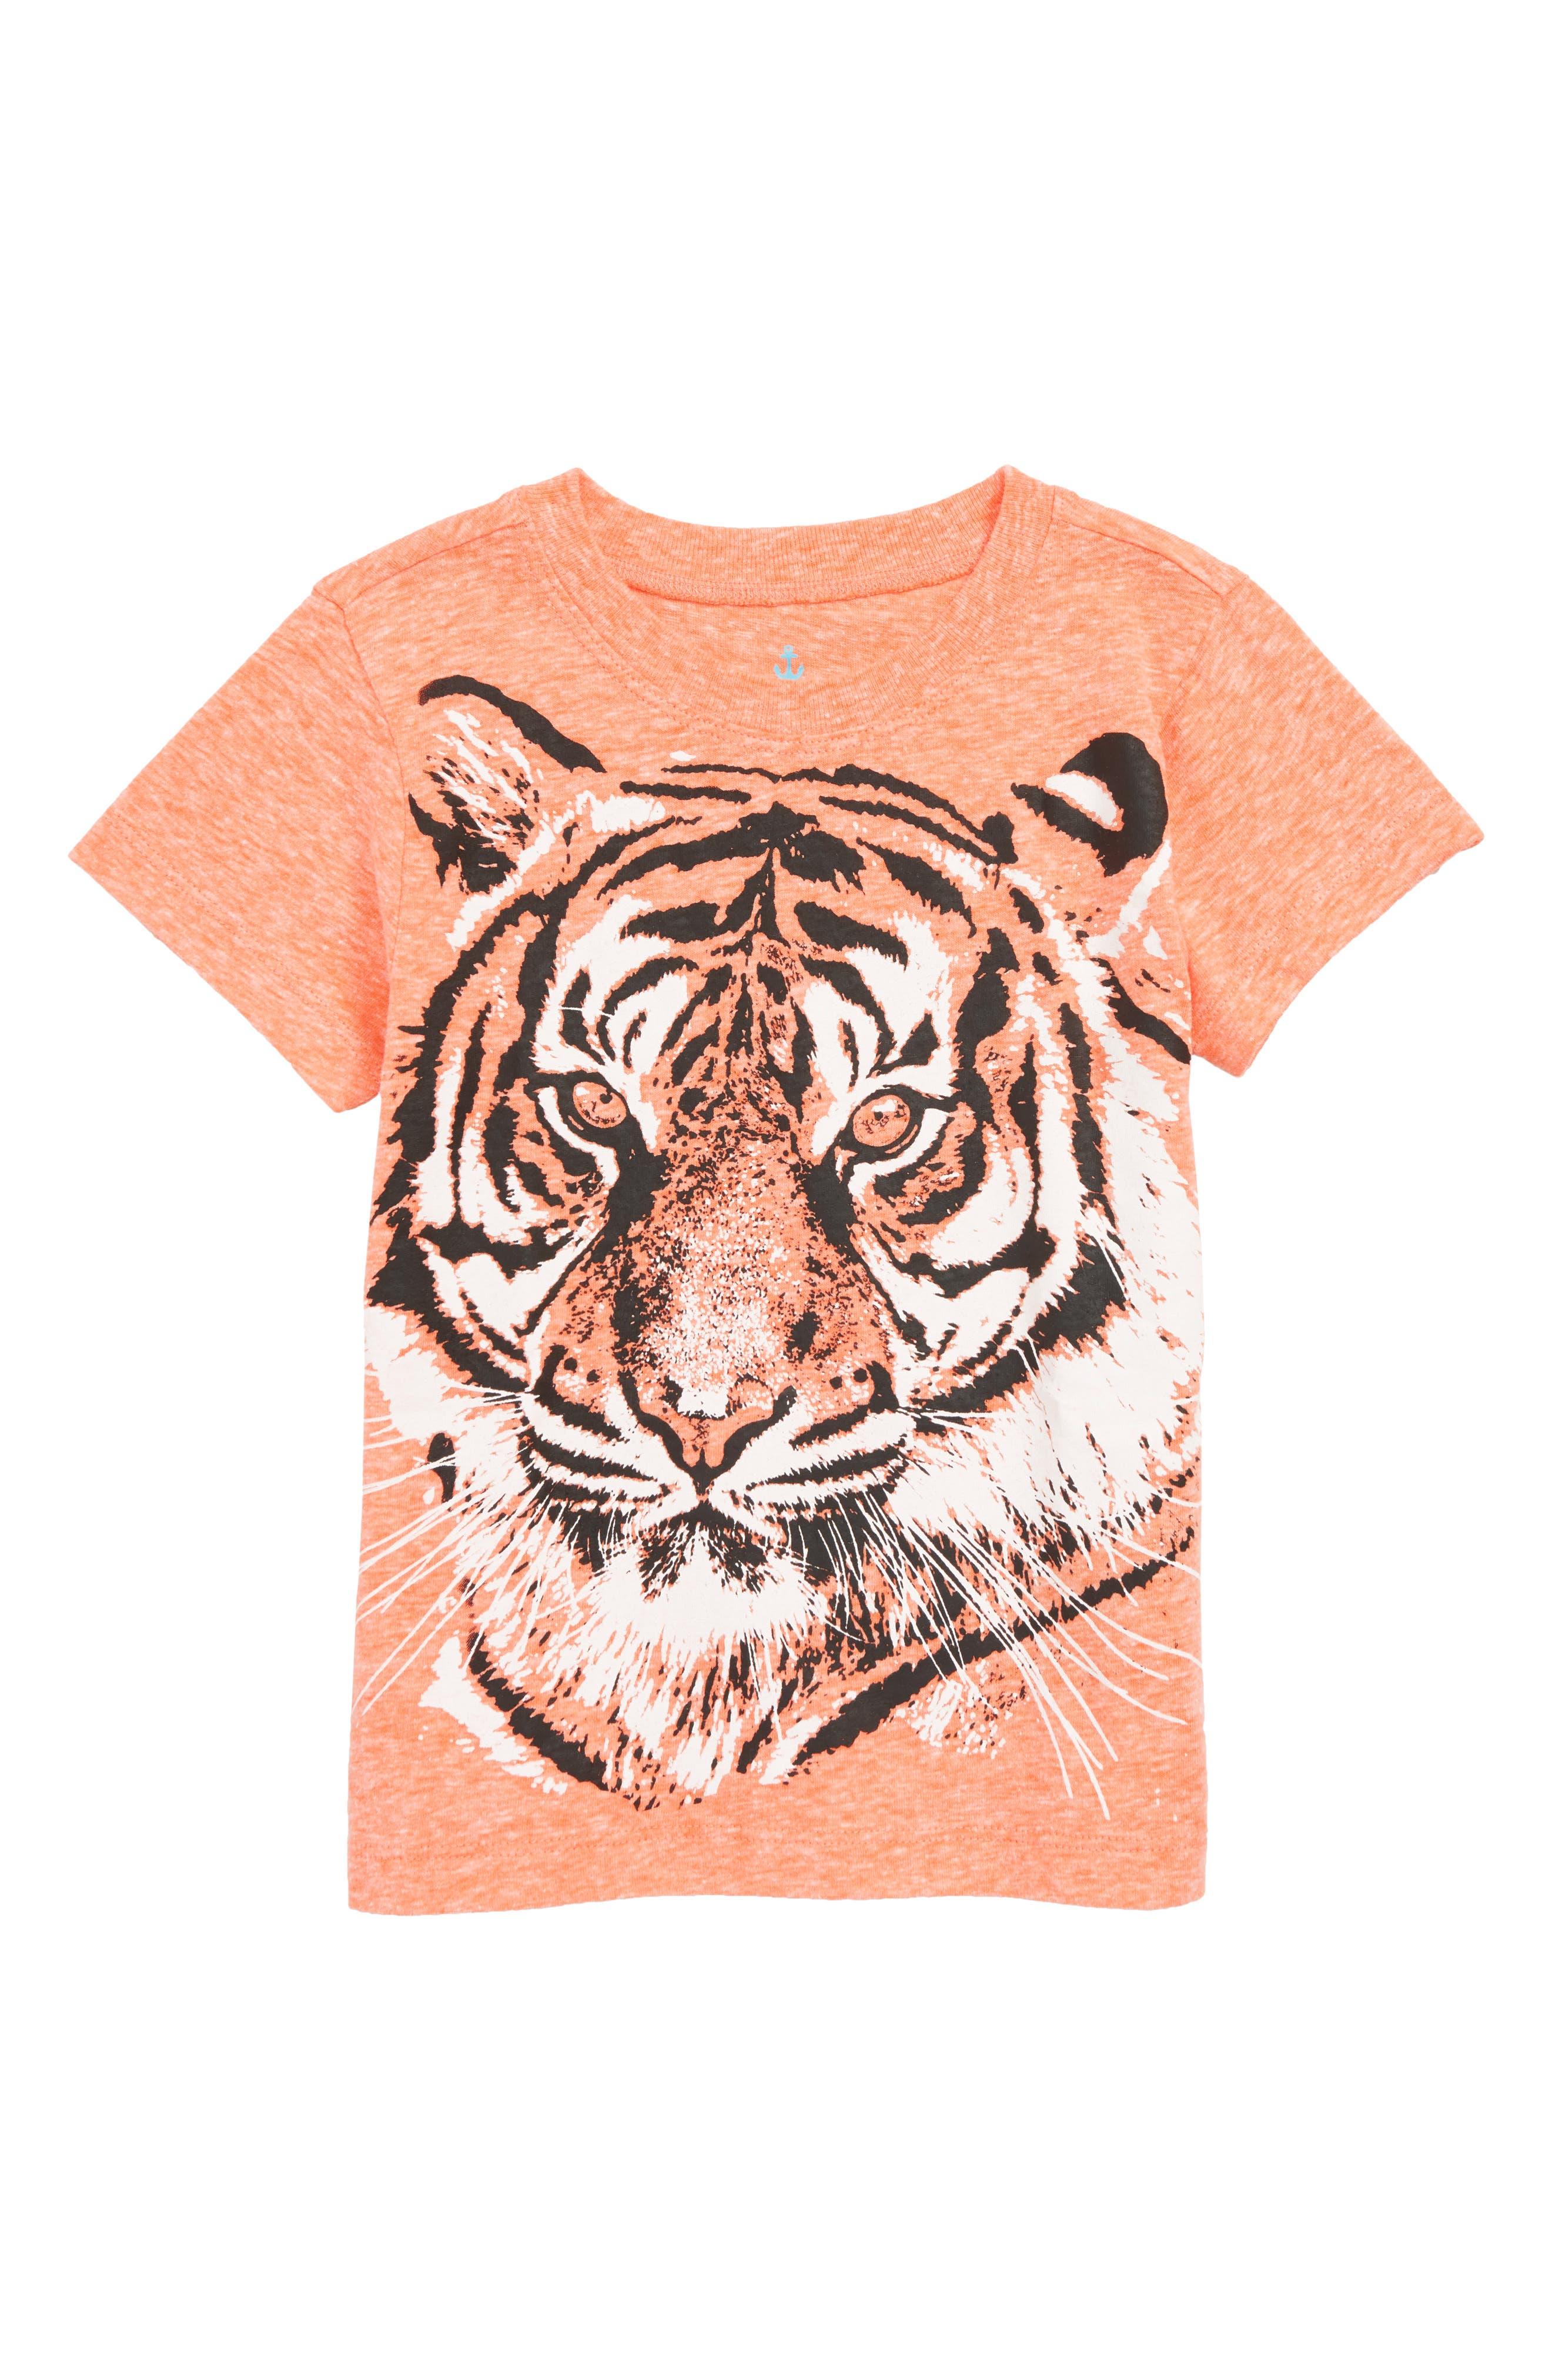 Tiger T-Shirt,                             Main thumbnail 1, color,                             SWEET MELON